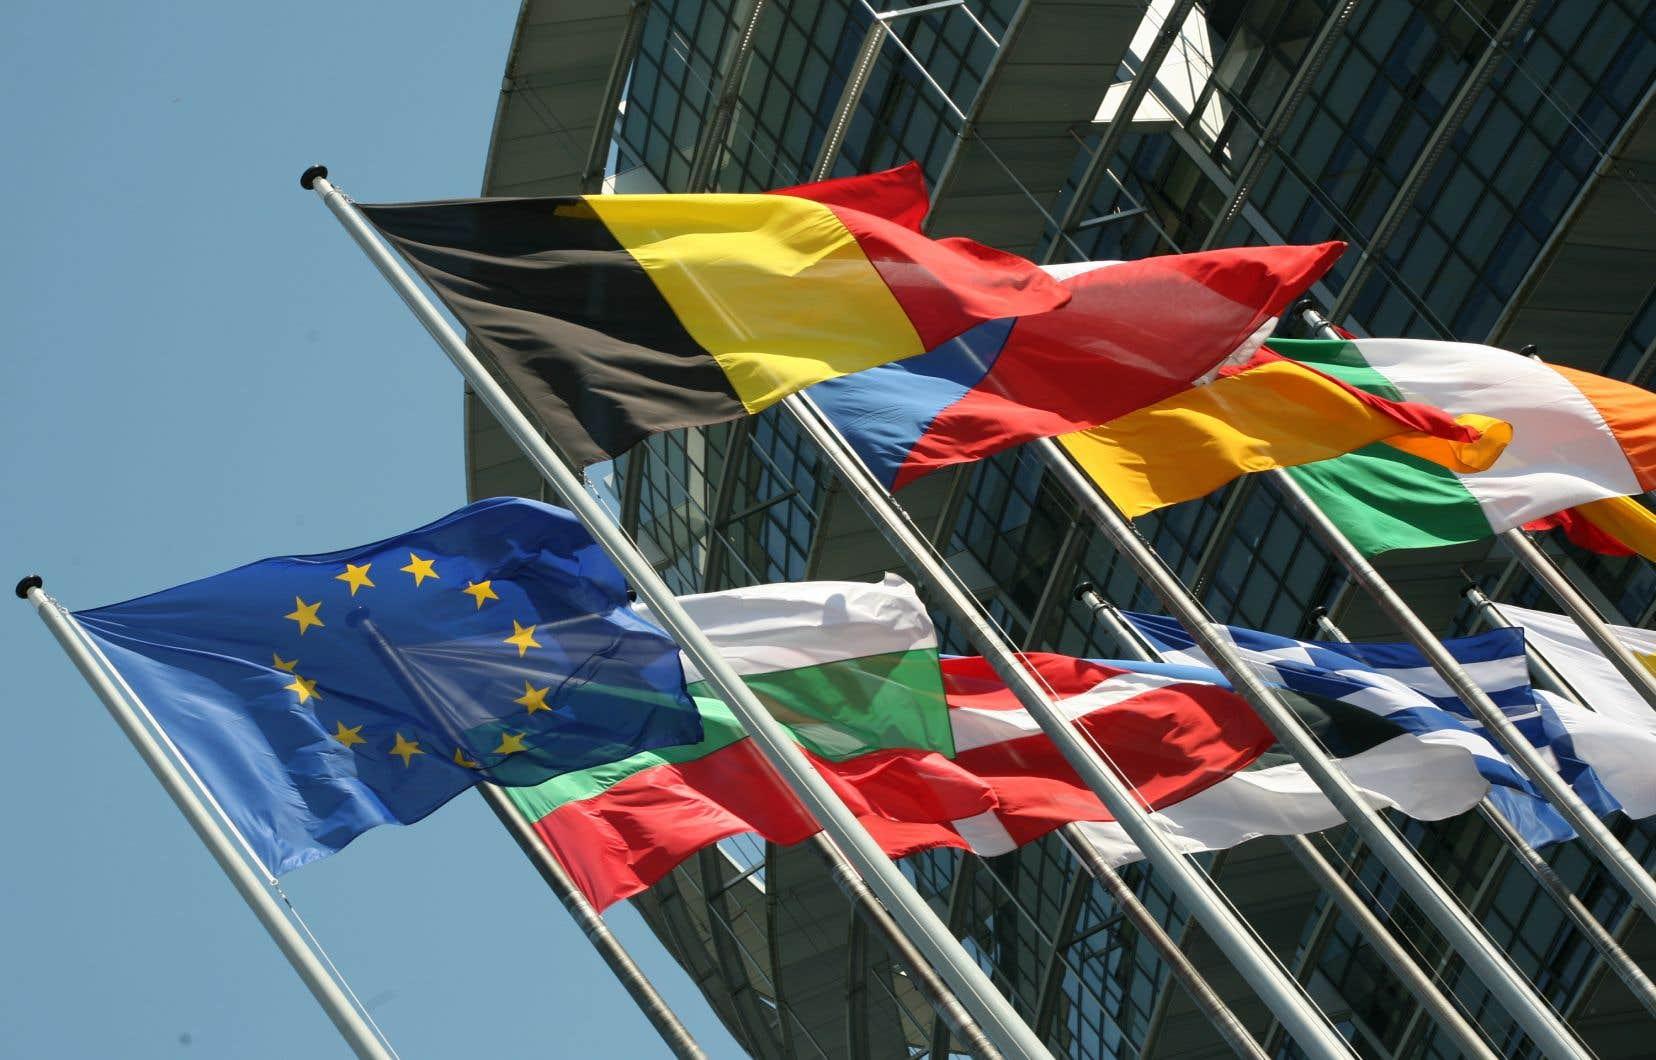 Les ministres proposent que le Mécanisme européen de stabilité (MES), créé en 2012, puisse prêter de l'argent à un État en difficulté, et ce, jusqu'à 2% de son PIB.